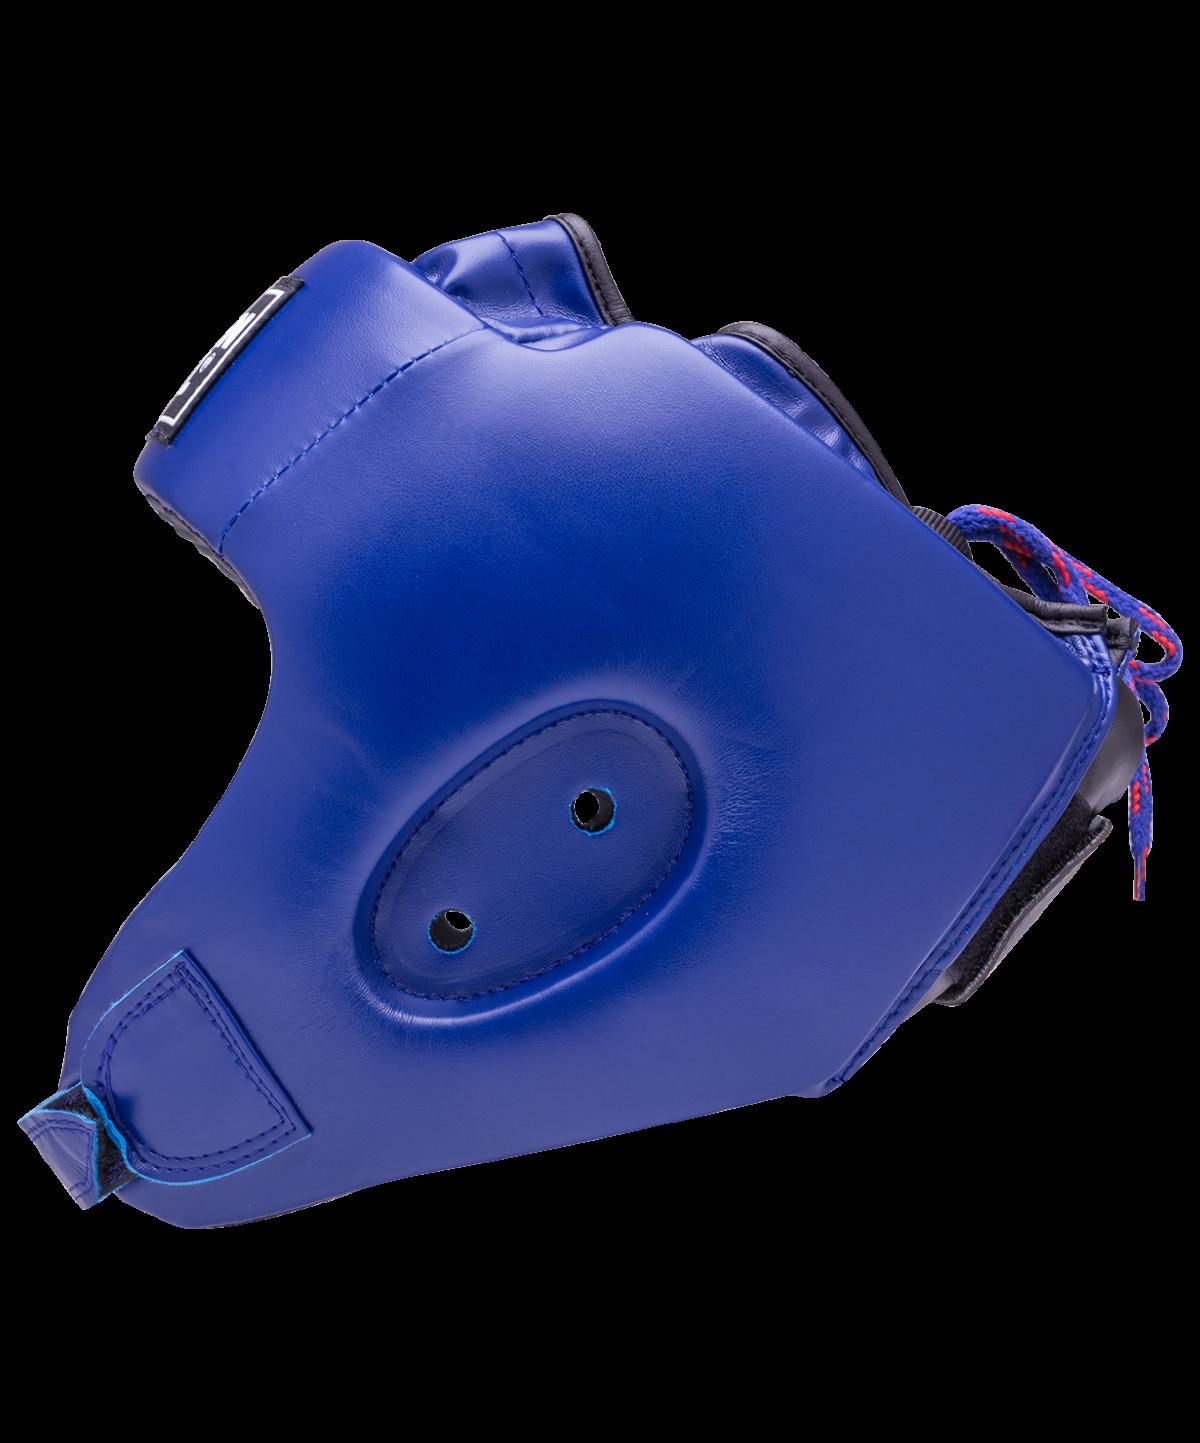 GREEN HILL Шлем открытый Special  HGS-4025: синий - 3